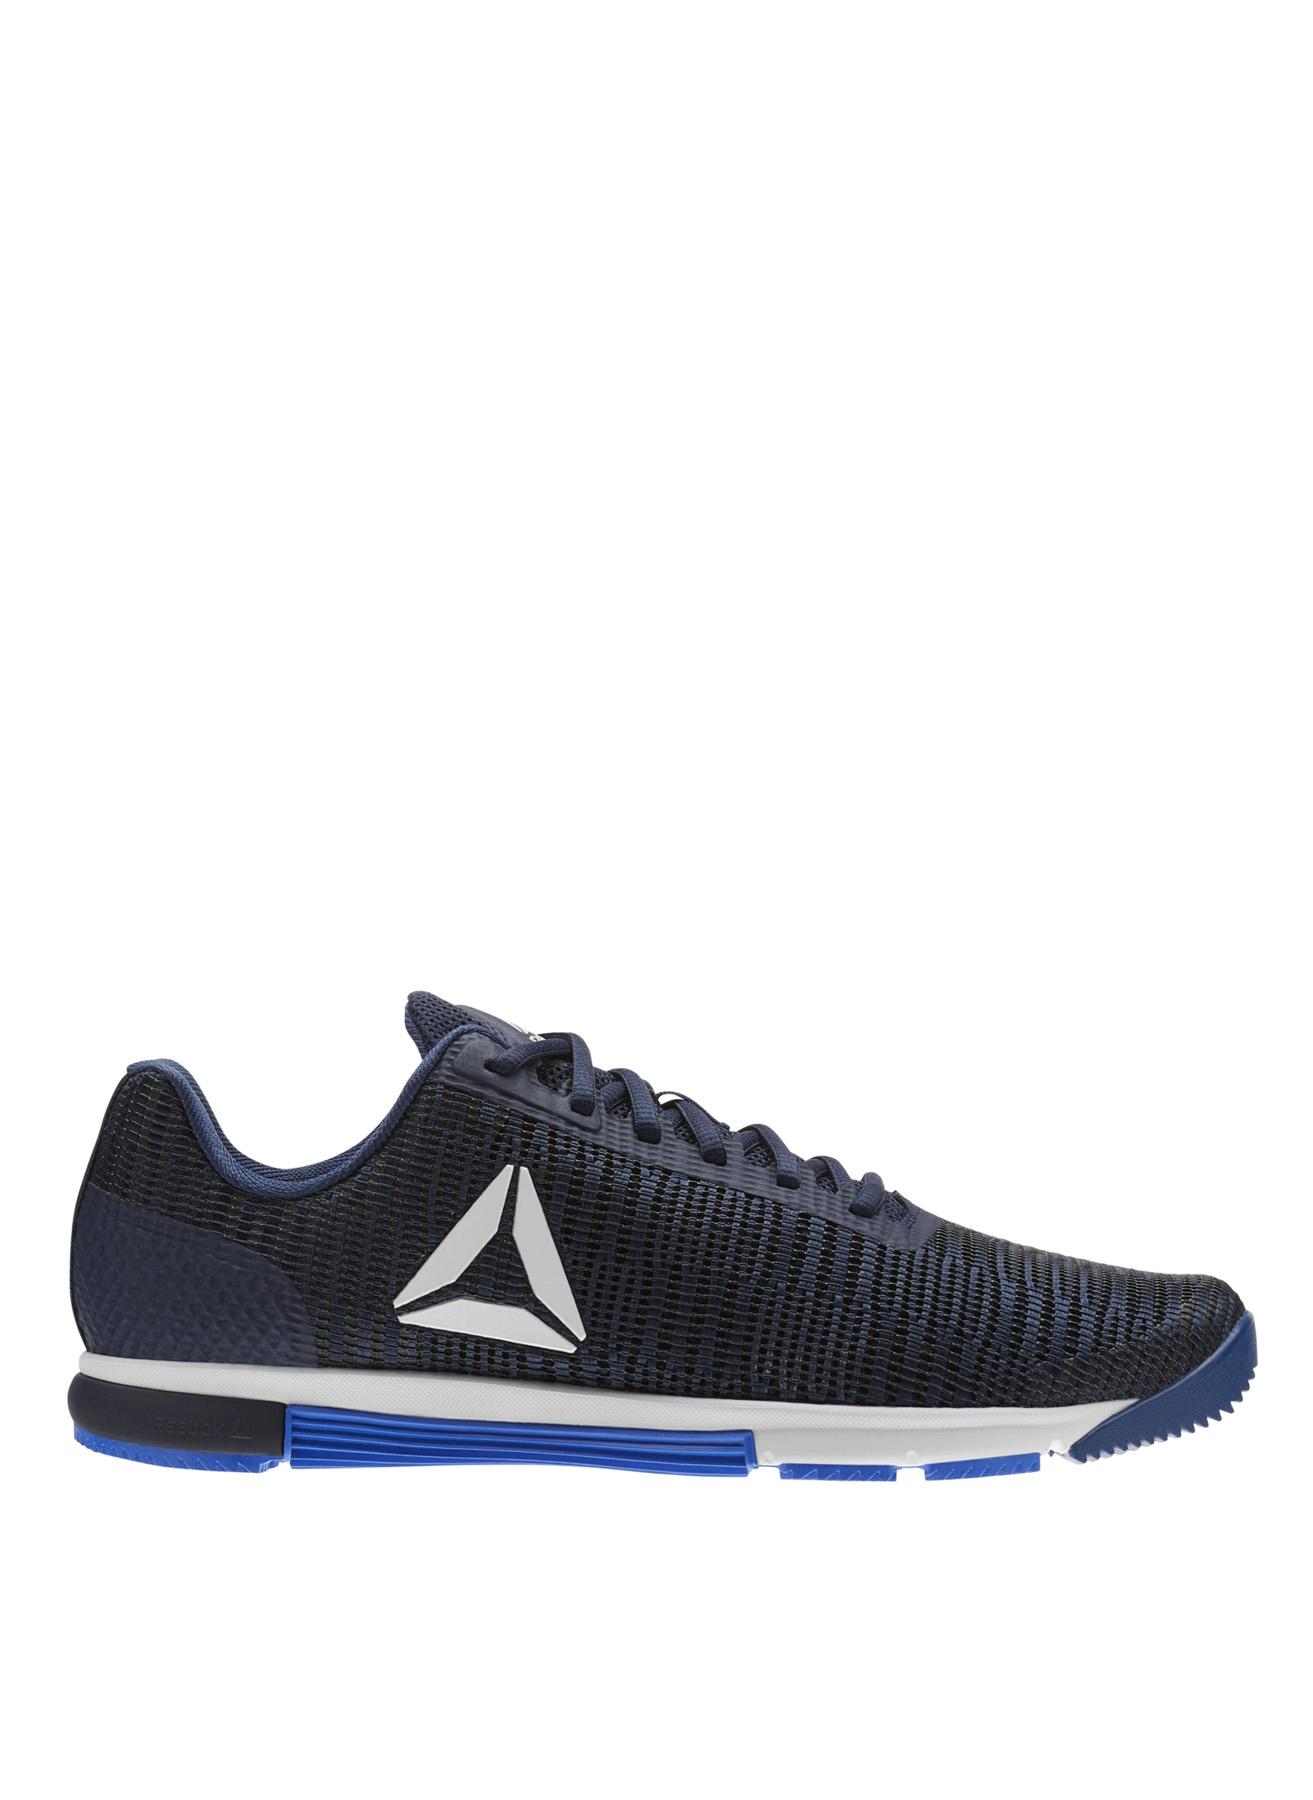 Reebok Speed TR Flexweave Traınıng Ayakkabısı 42 5001633333002 Ürün Resmi